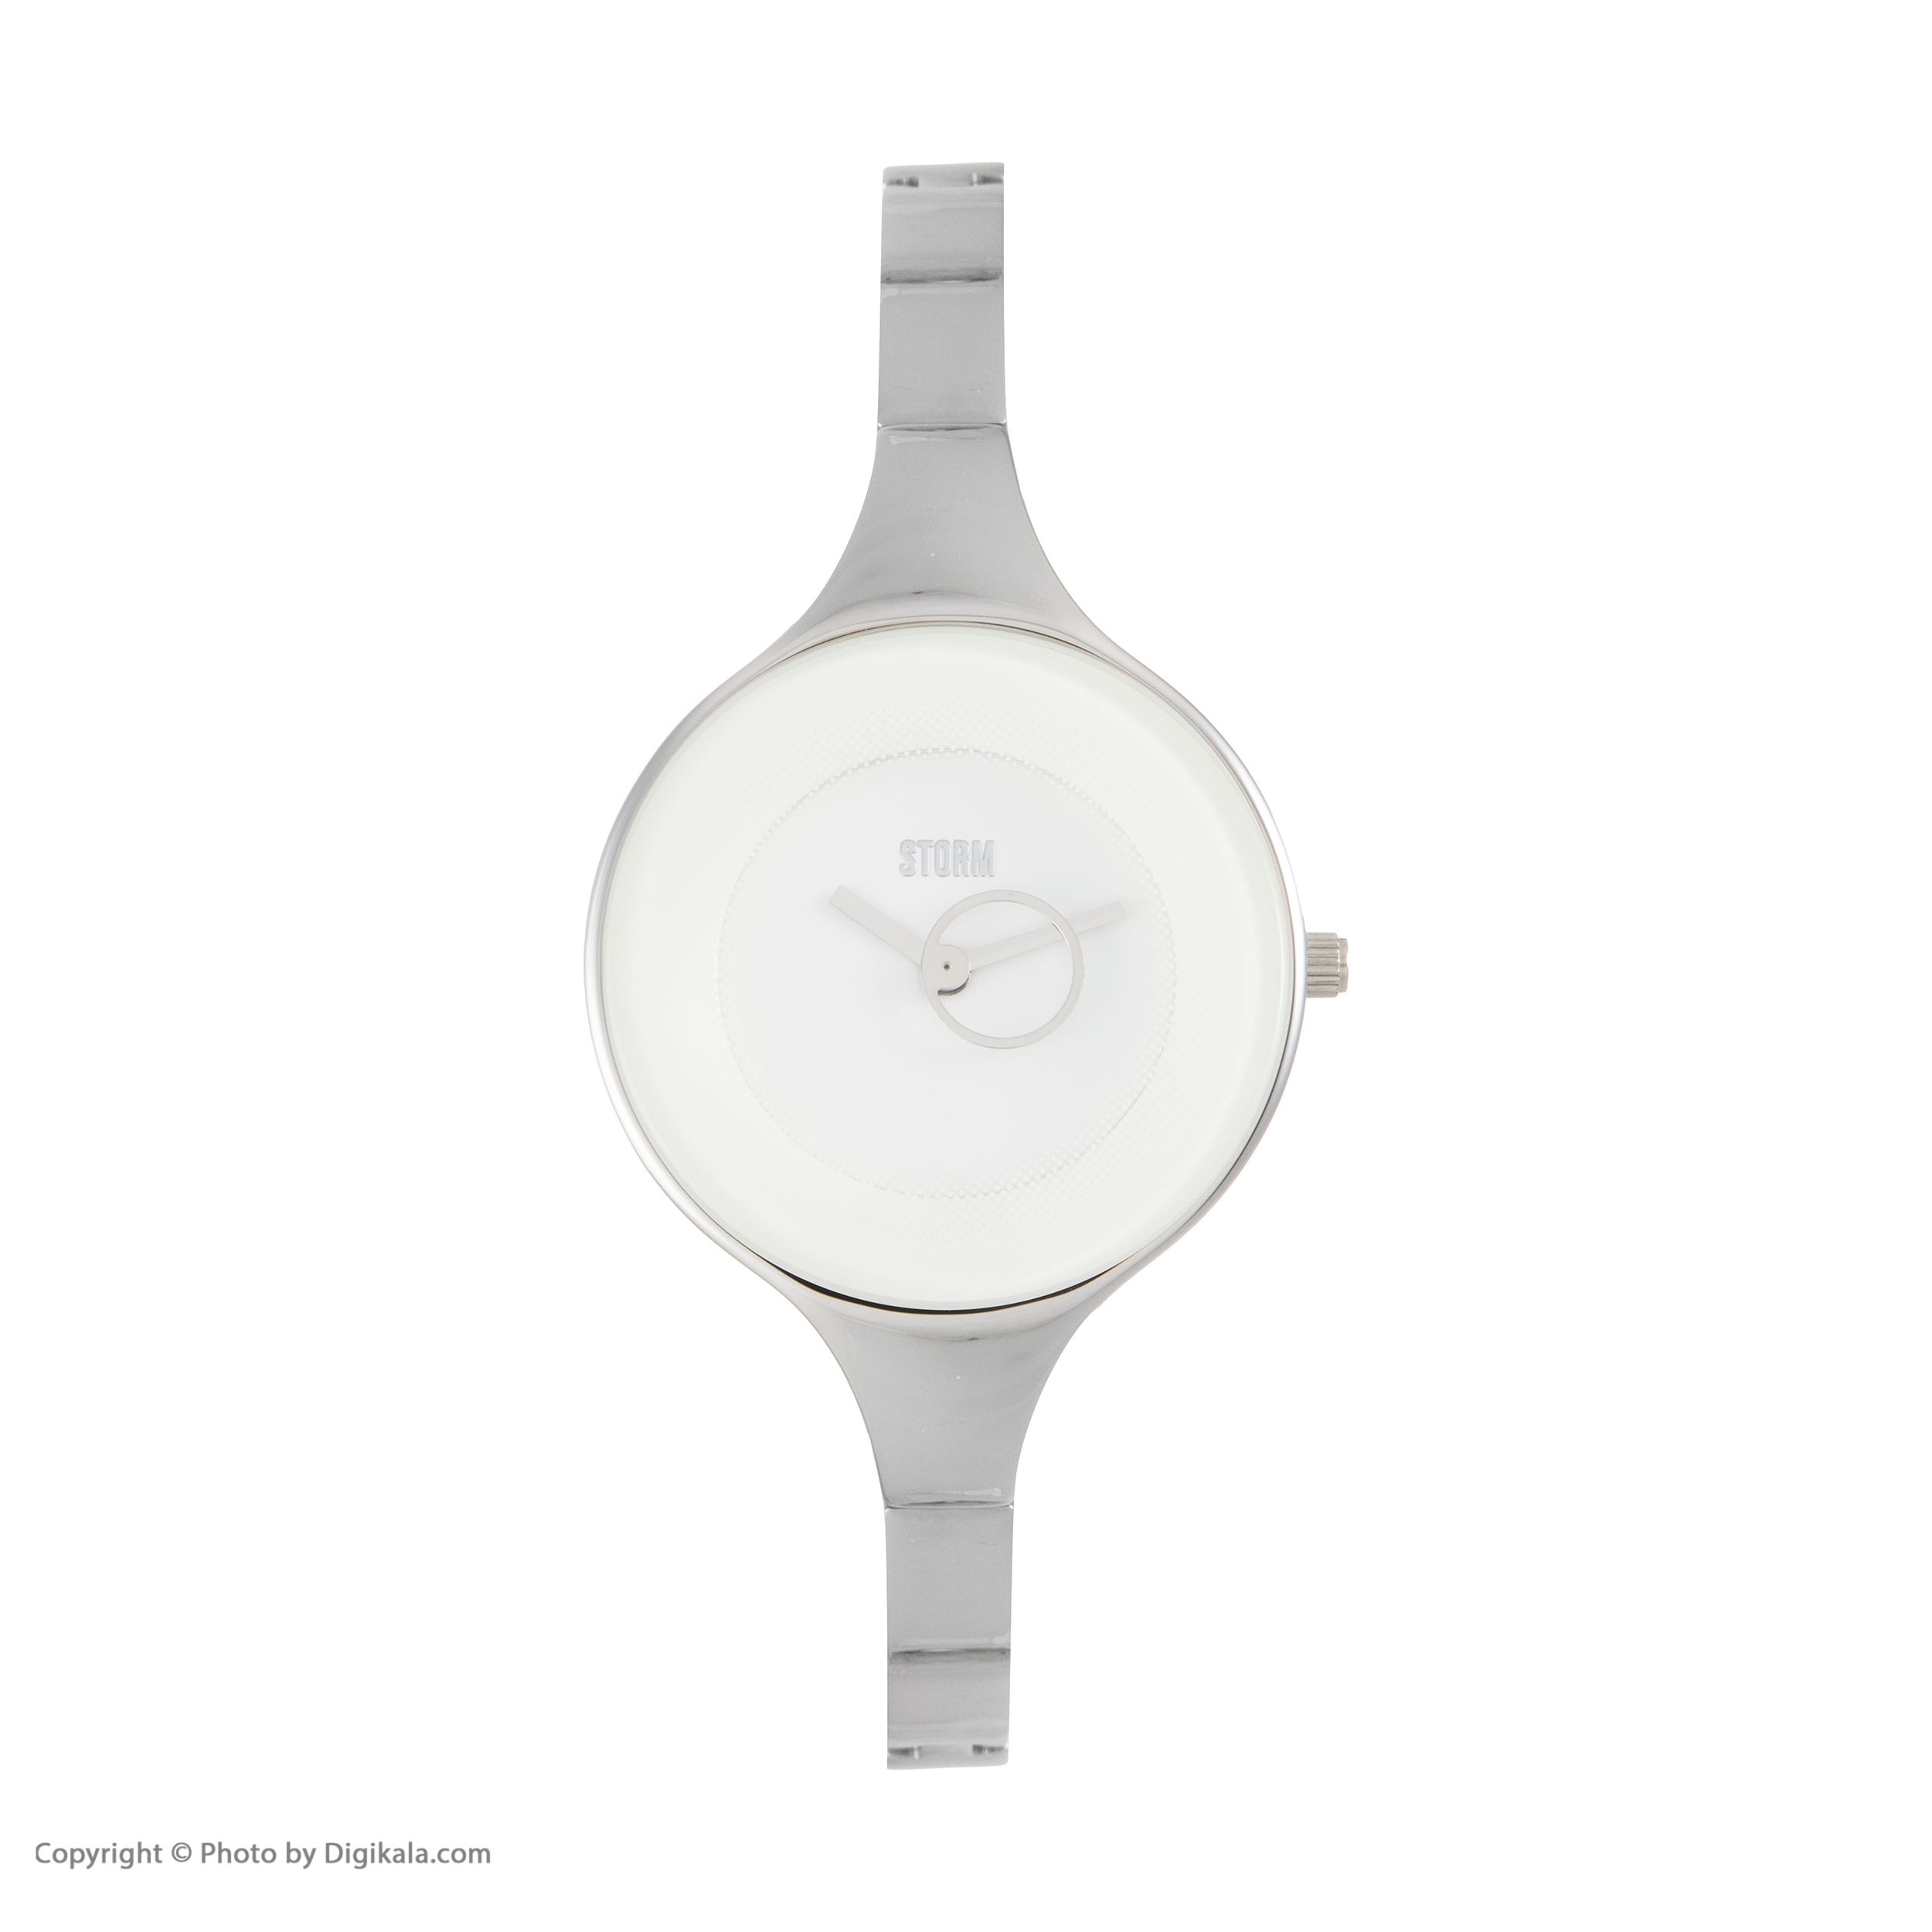 ساعت مچی عقربه ای زنانه استورم مدل ST 47272-W              ارزان